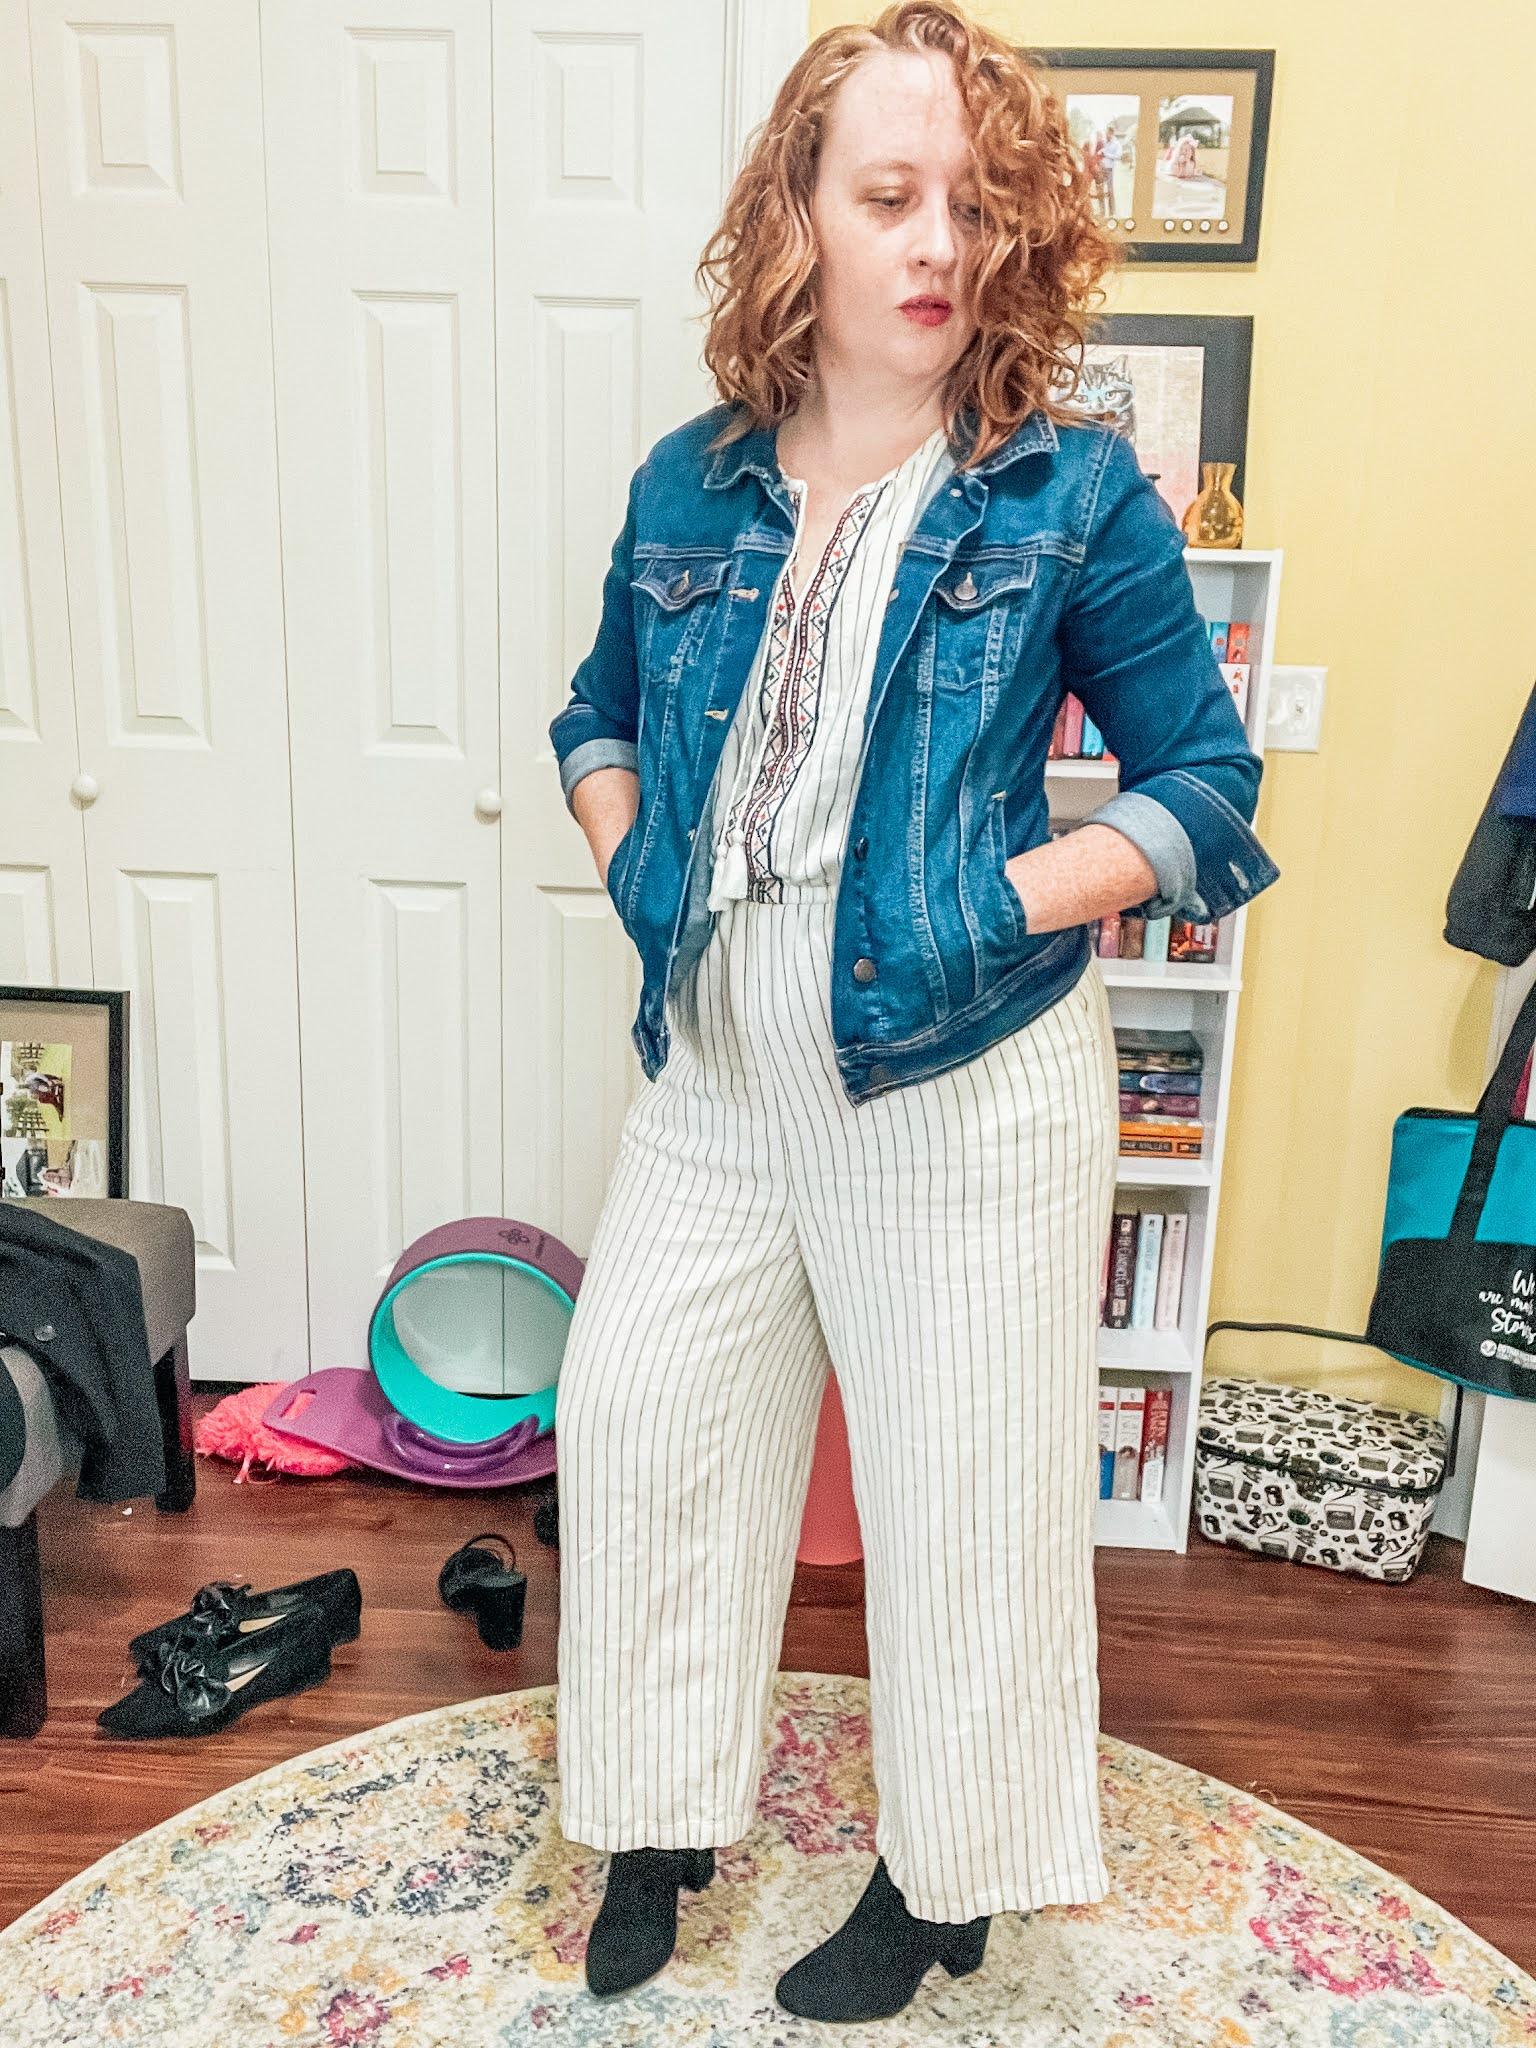 striped-jumpsuit-denim-jacket-boots